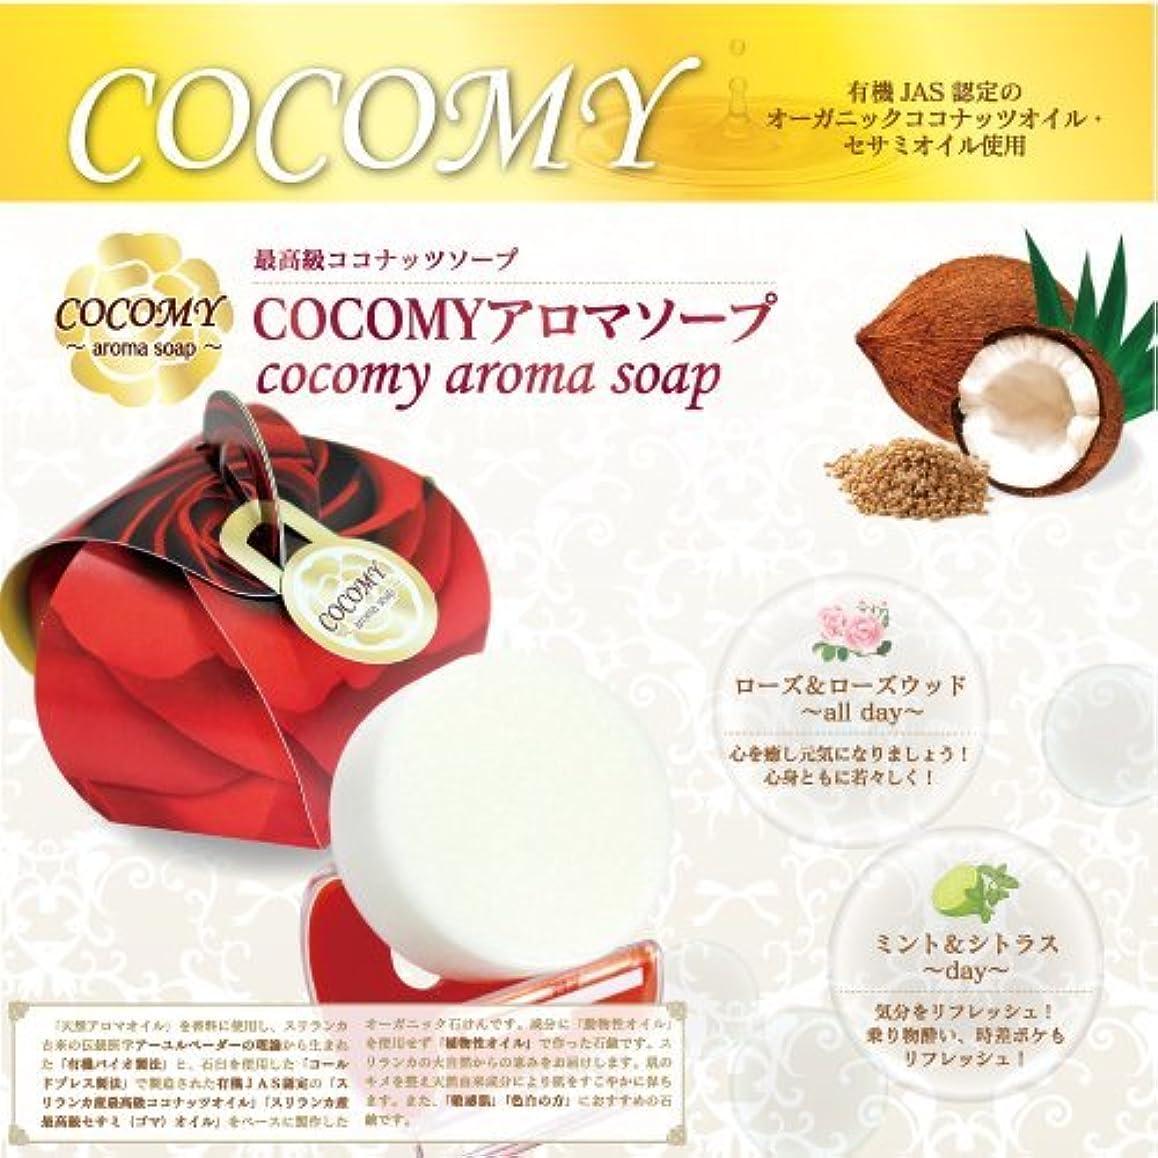 ロースト土砂降り競争力のあるCOCOMY aromaソープ 2個セット (ミント&シトラス)(ローズ&ローズウッド) 40g×各1